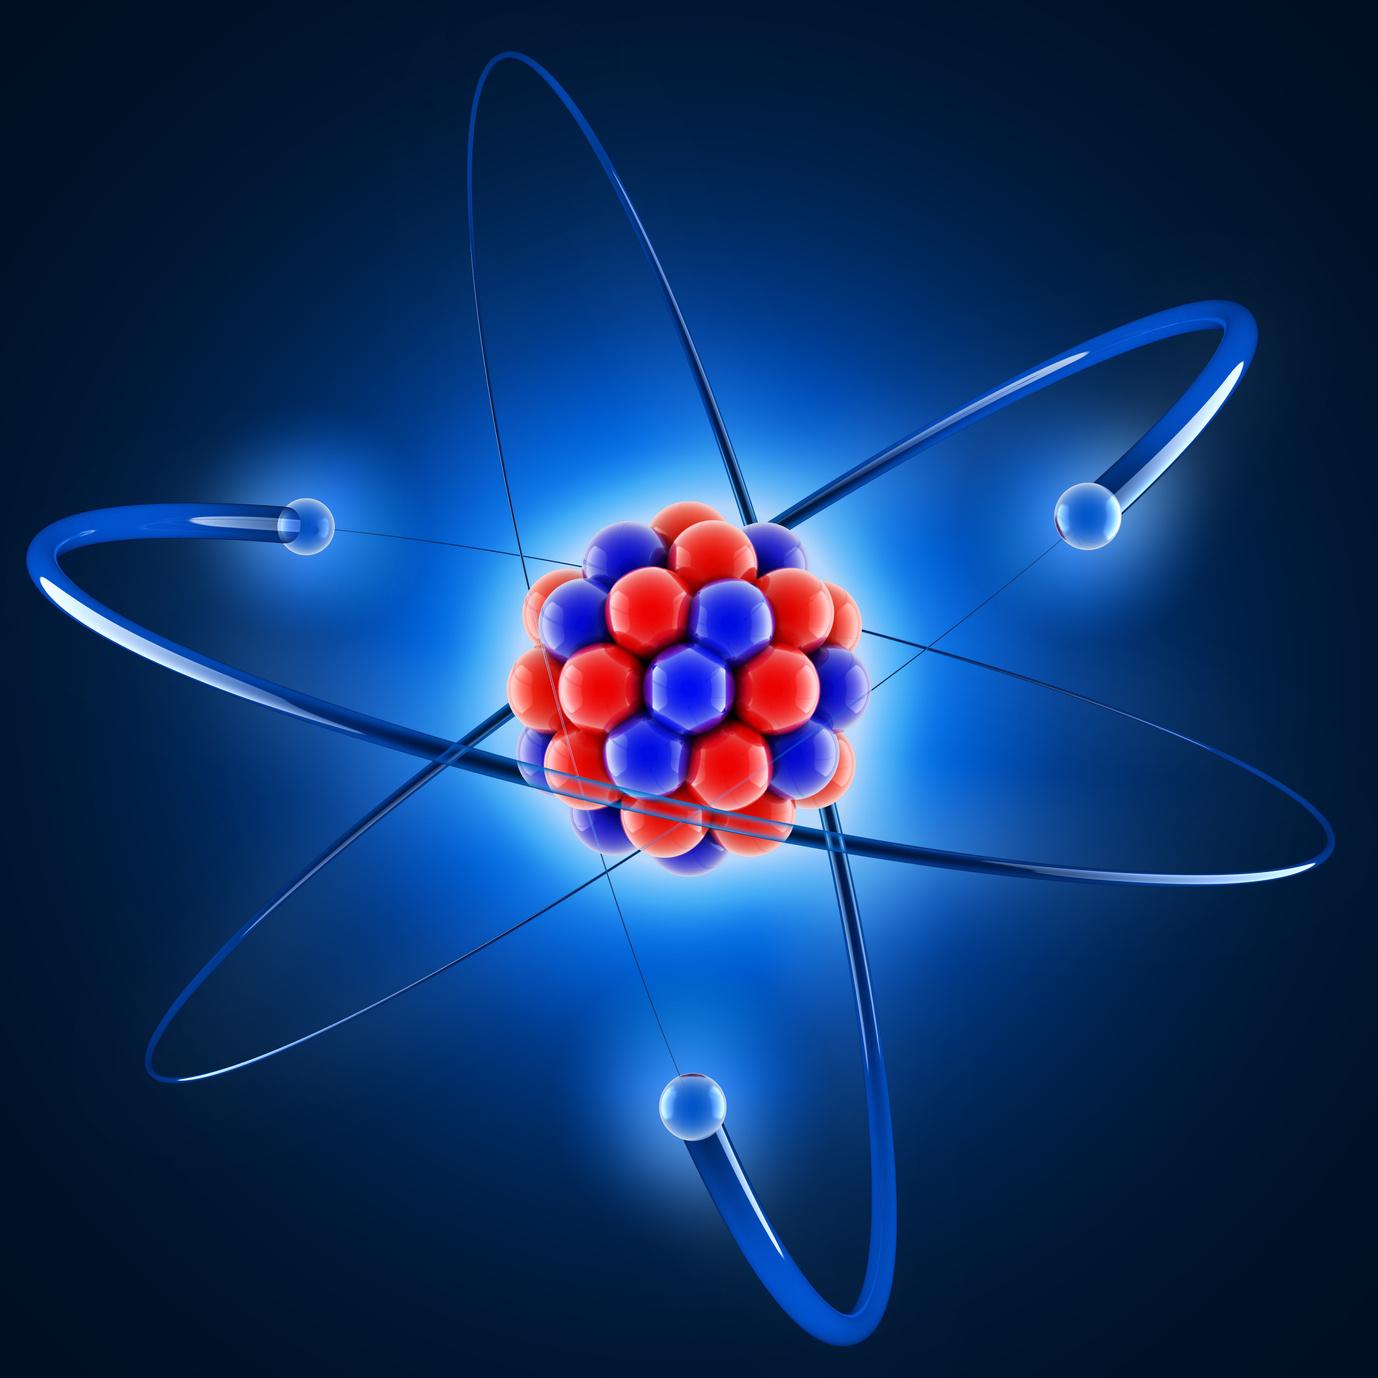 Lilith168 découvreuse de vortex et d'univers parallèles - Page 6 Fotolia_49371695_m